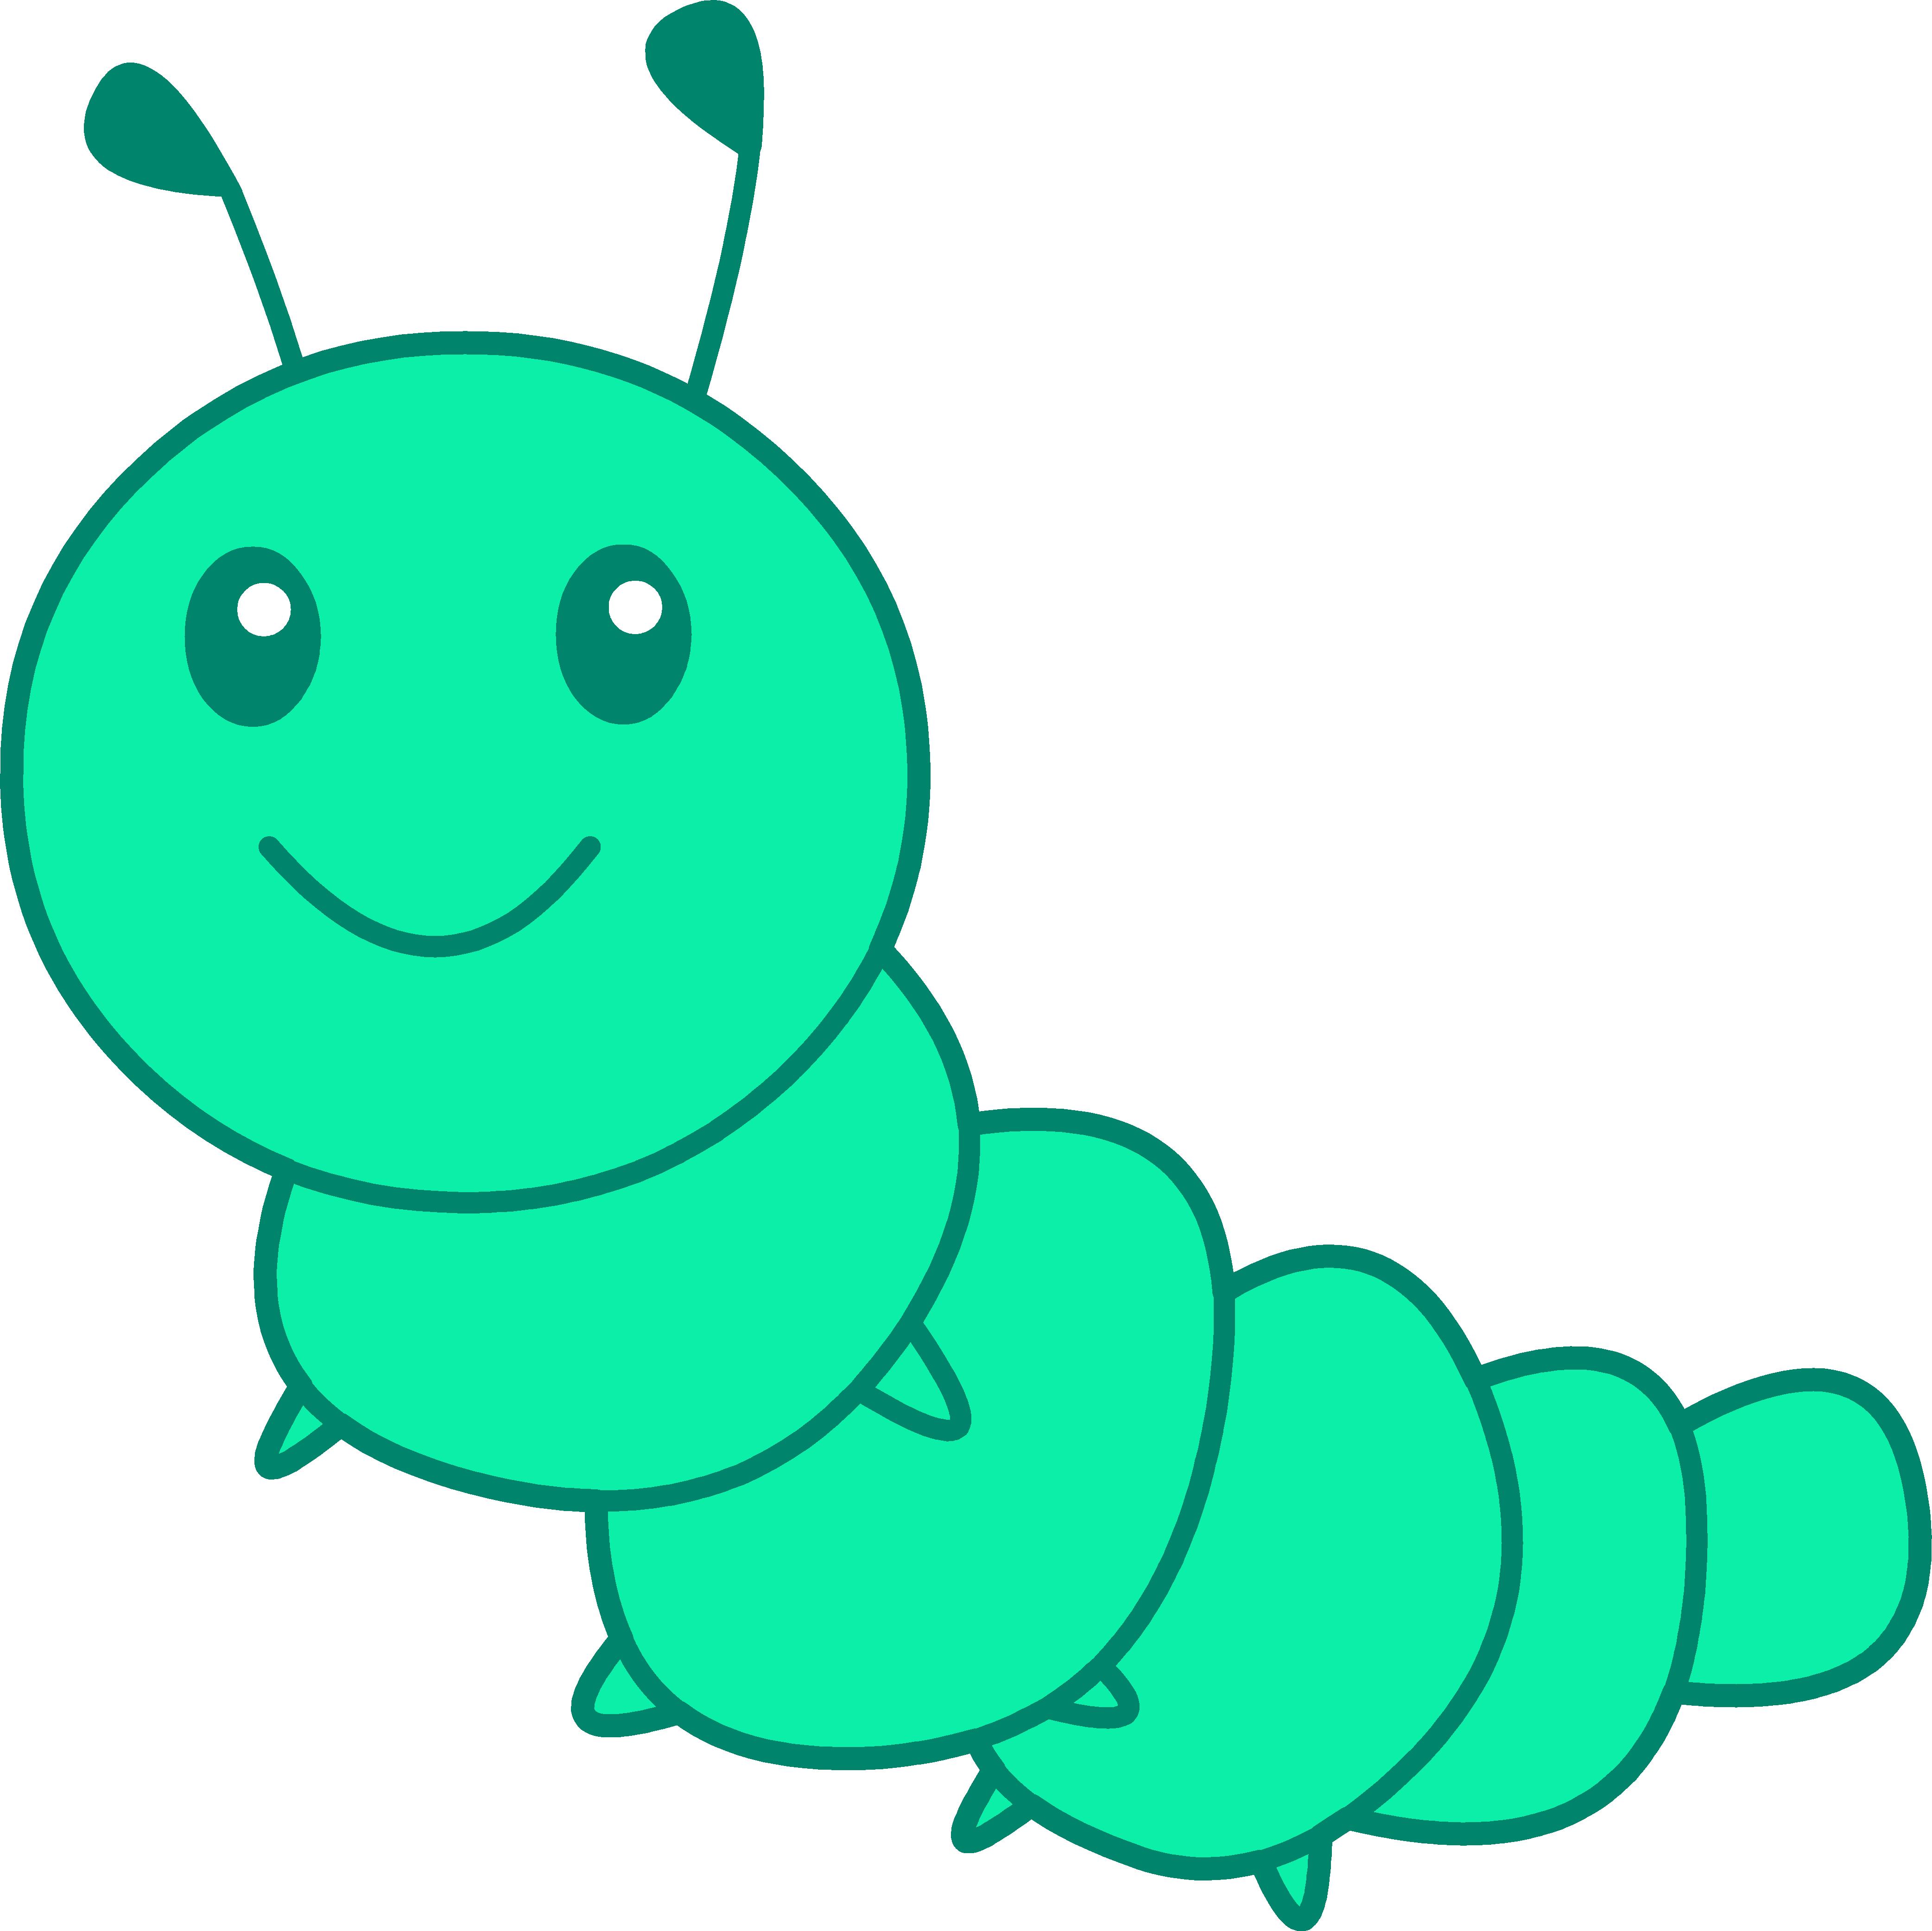 Cute Little Green Caterpillar - Free Clip Art